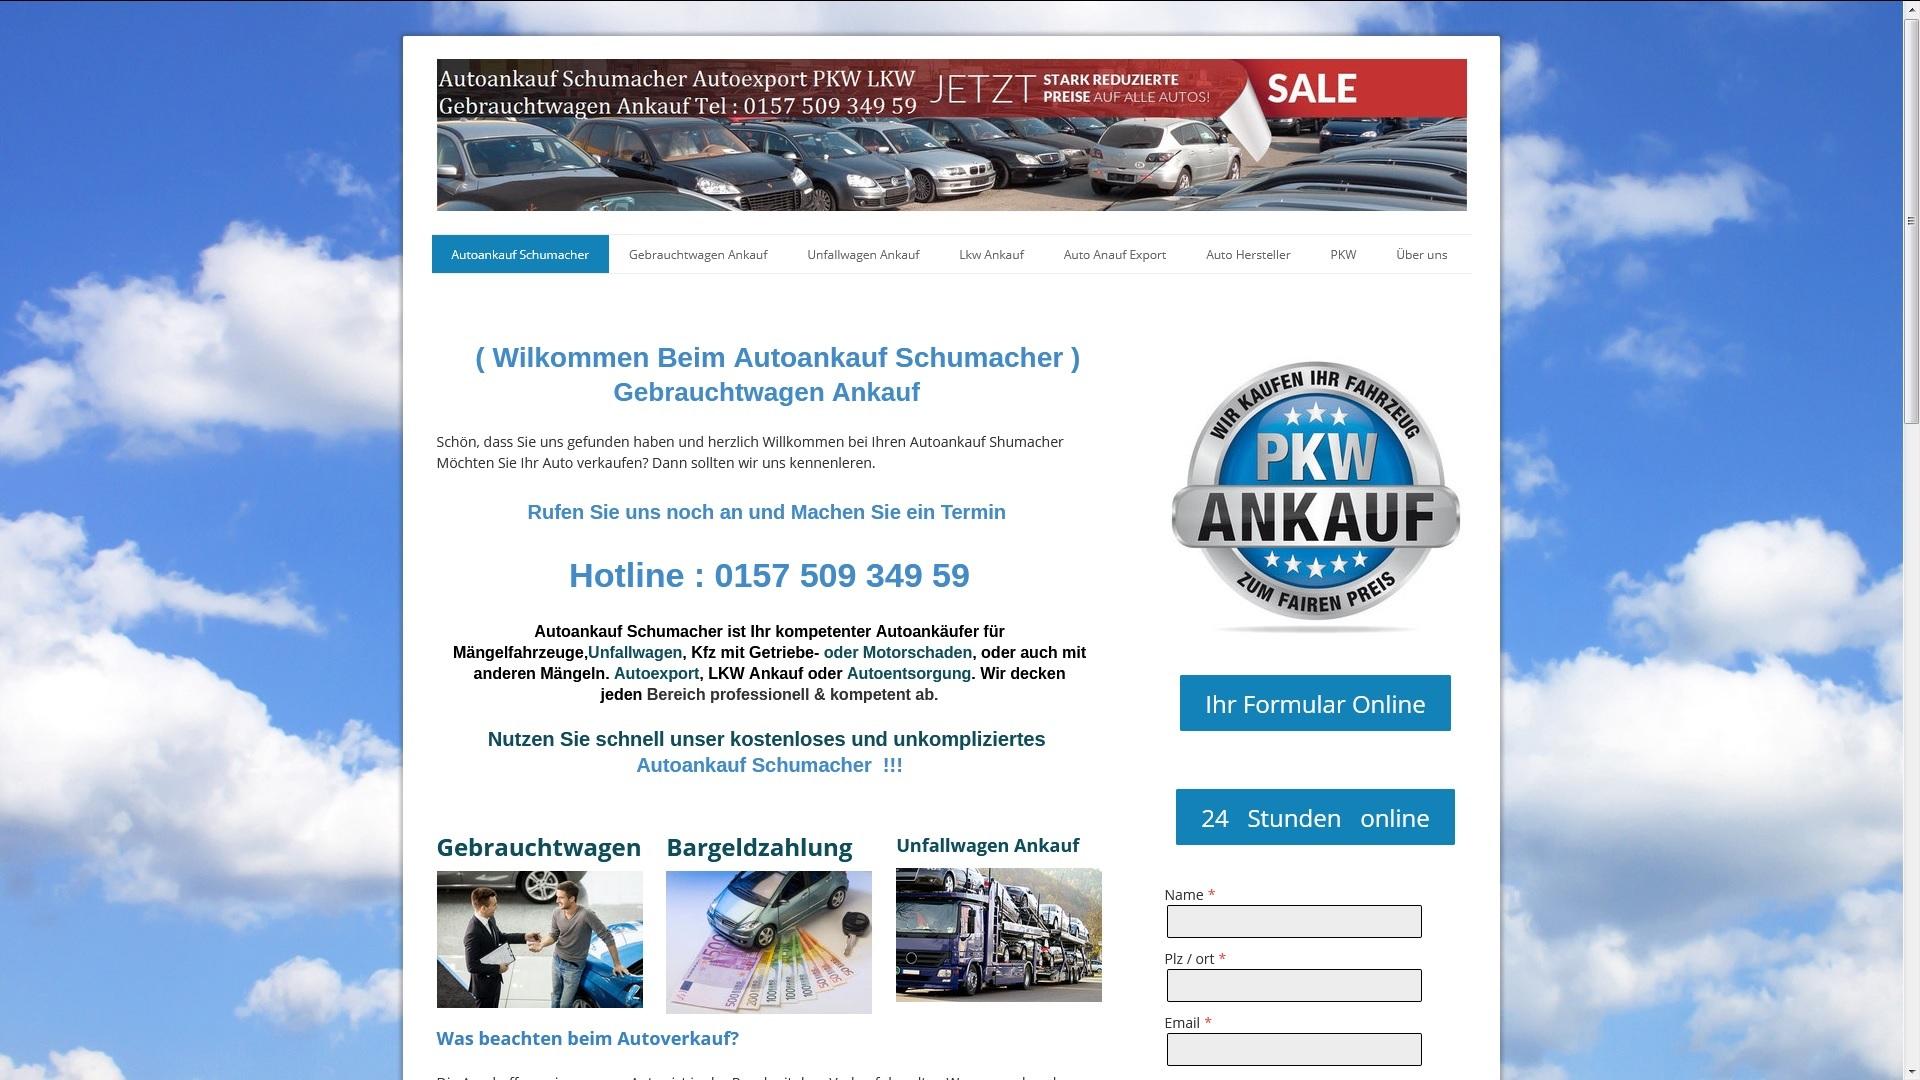 autoankauf oranienburg schnell und unkompliziert auto verkaufen - Autoankauf Oranienburg – Schnell und Unkompliziert Auto verkaufen